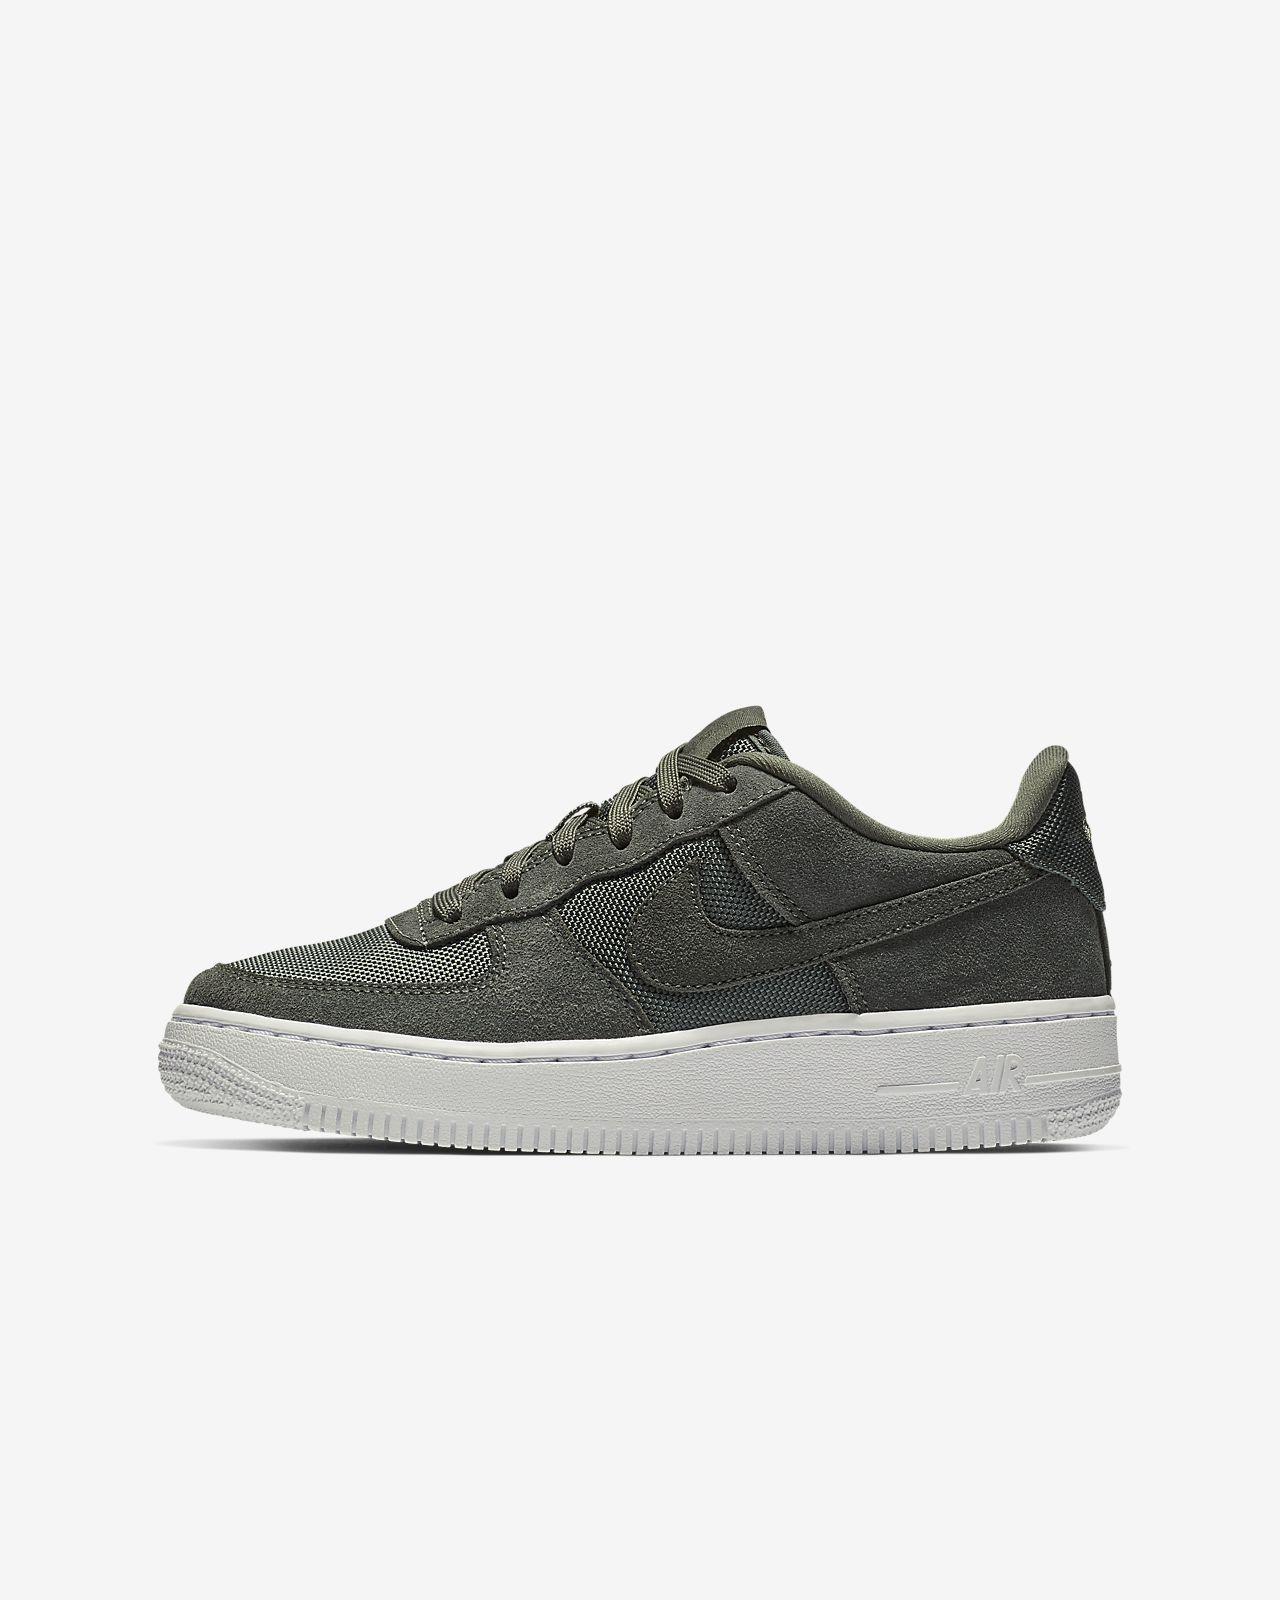 Nike Force 1 Mid Little Kids' Shoe